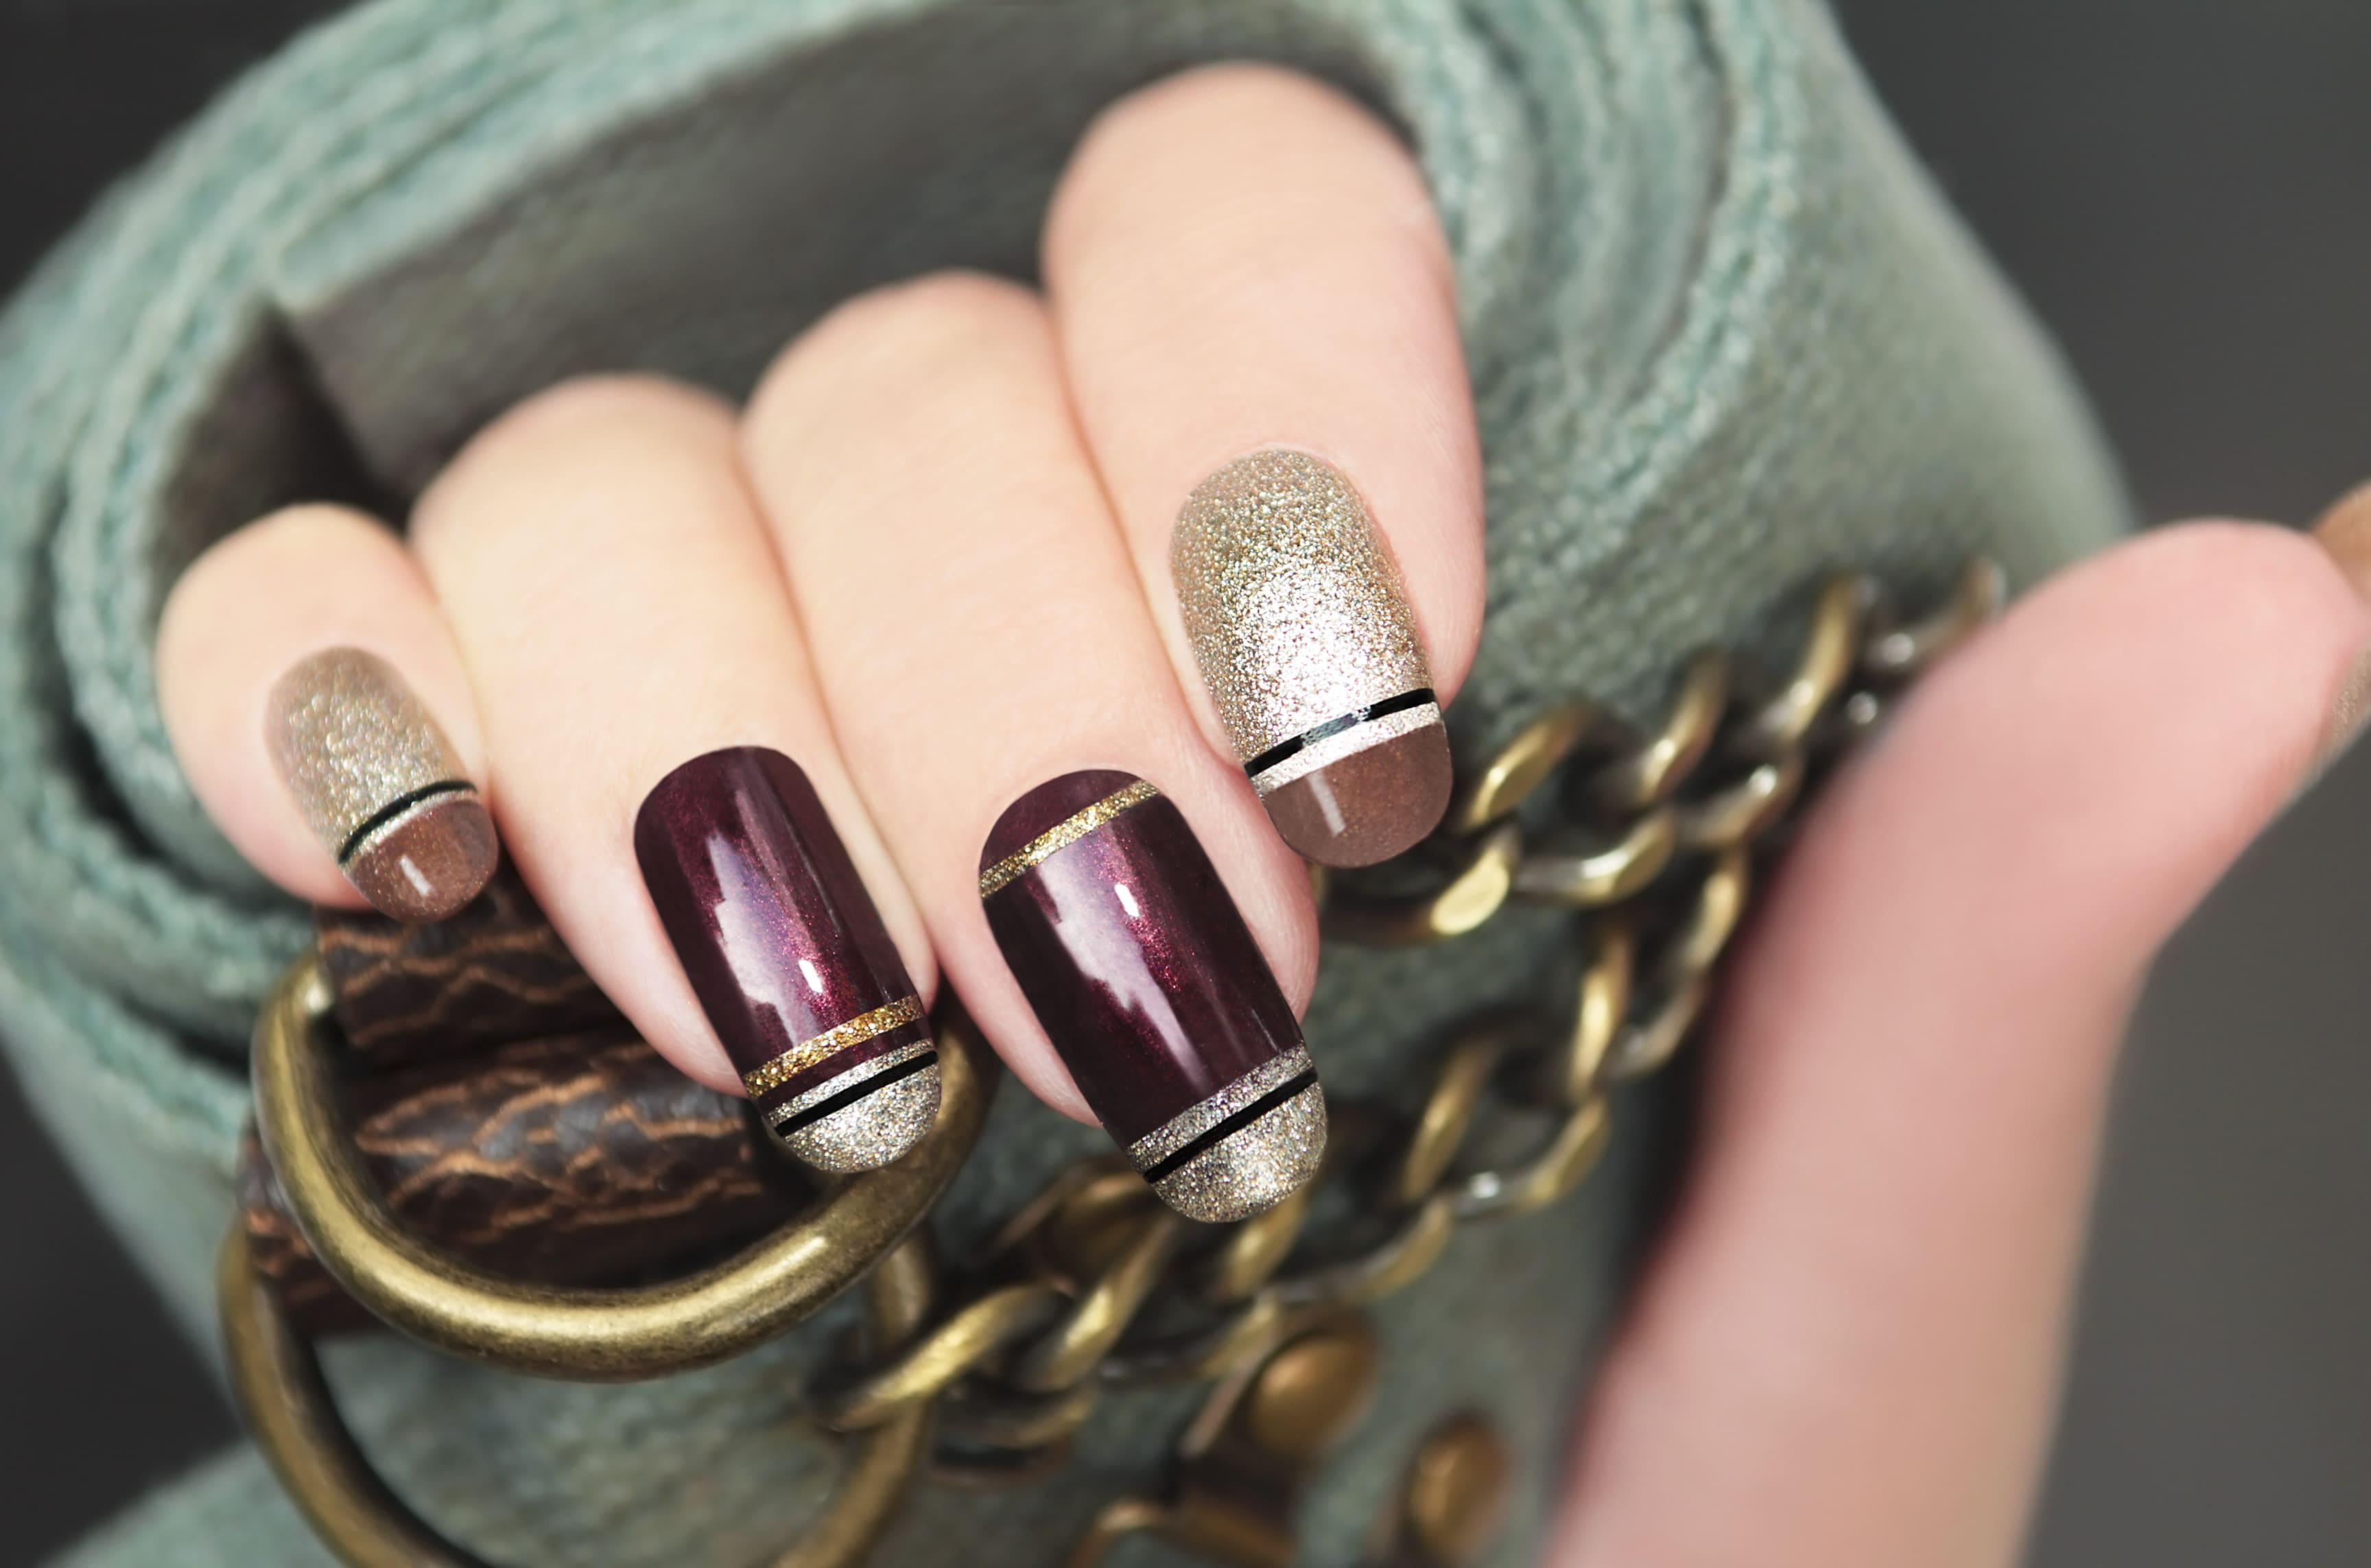 Nail Arts Designs - 9